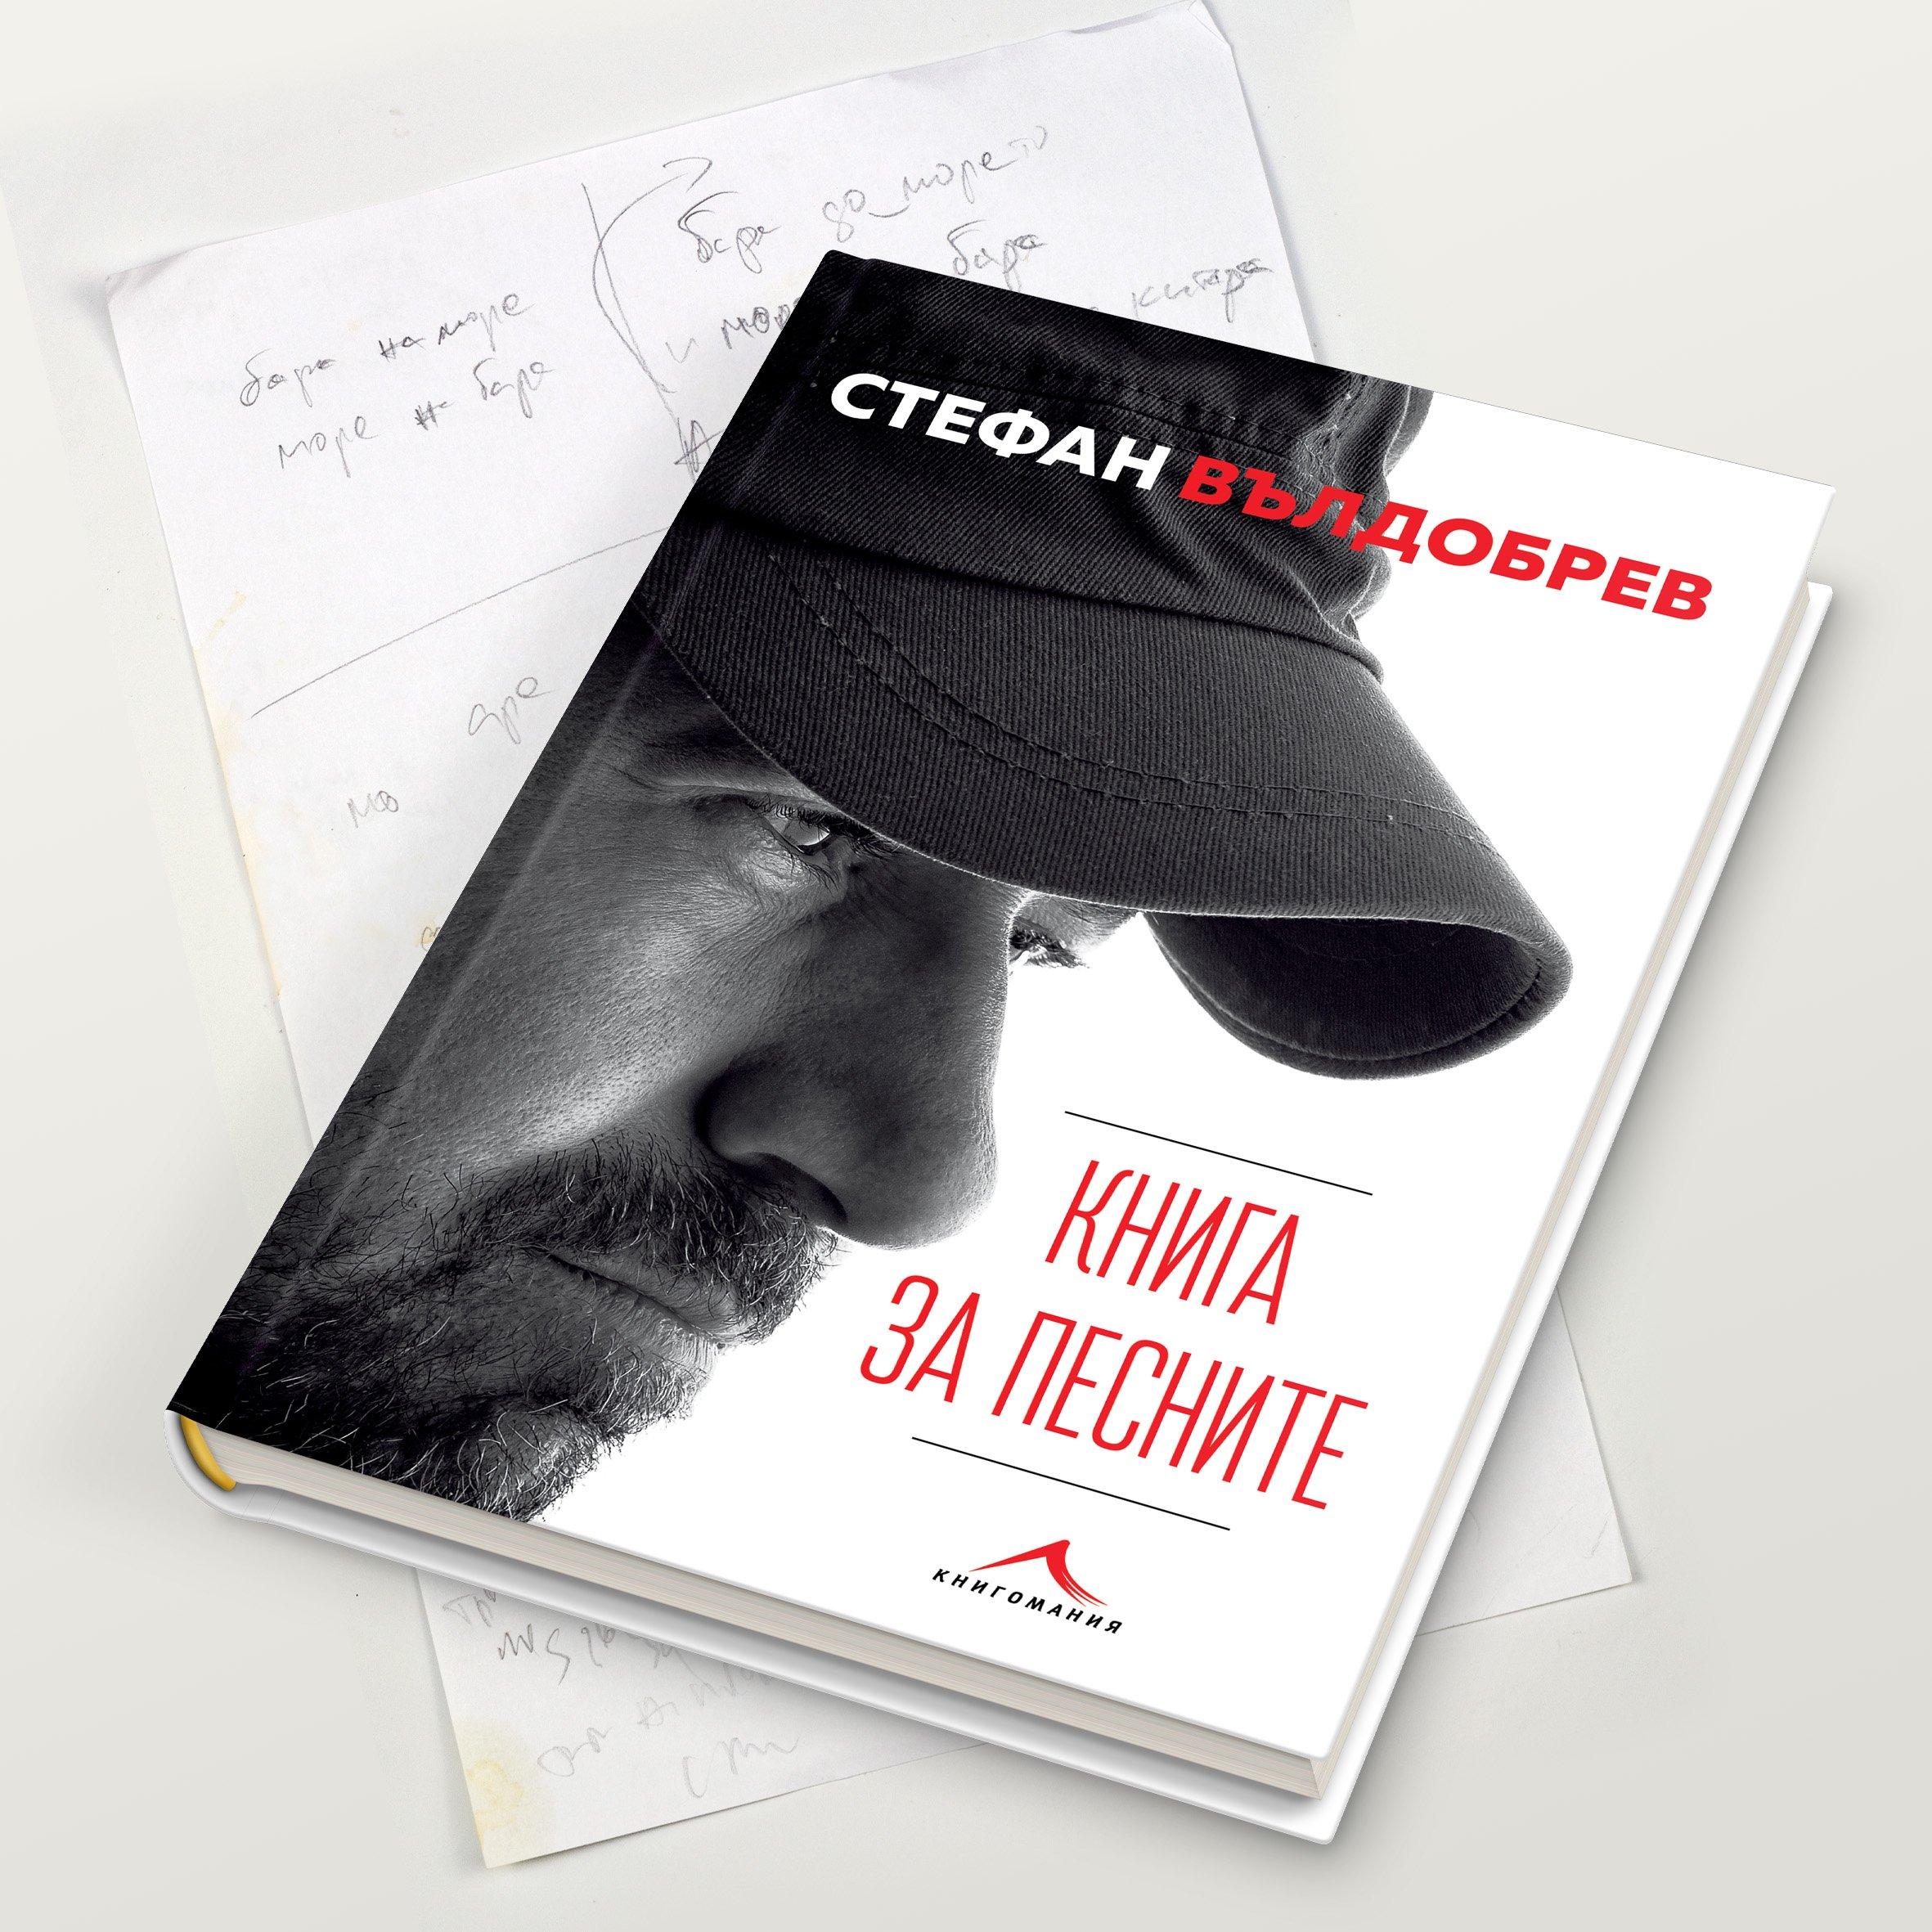 Стефан Вълдобрев отбелязва  своя 50-годишен юбилей с книга